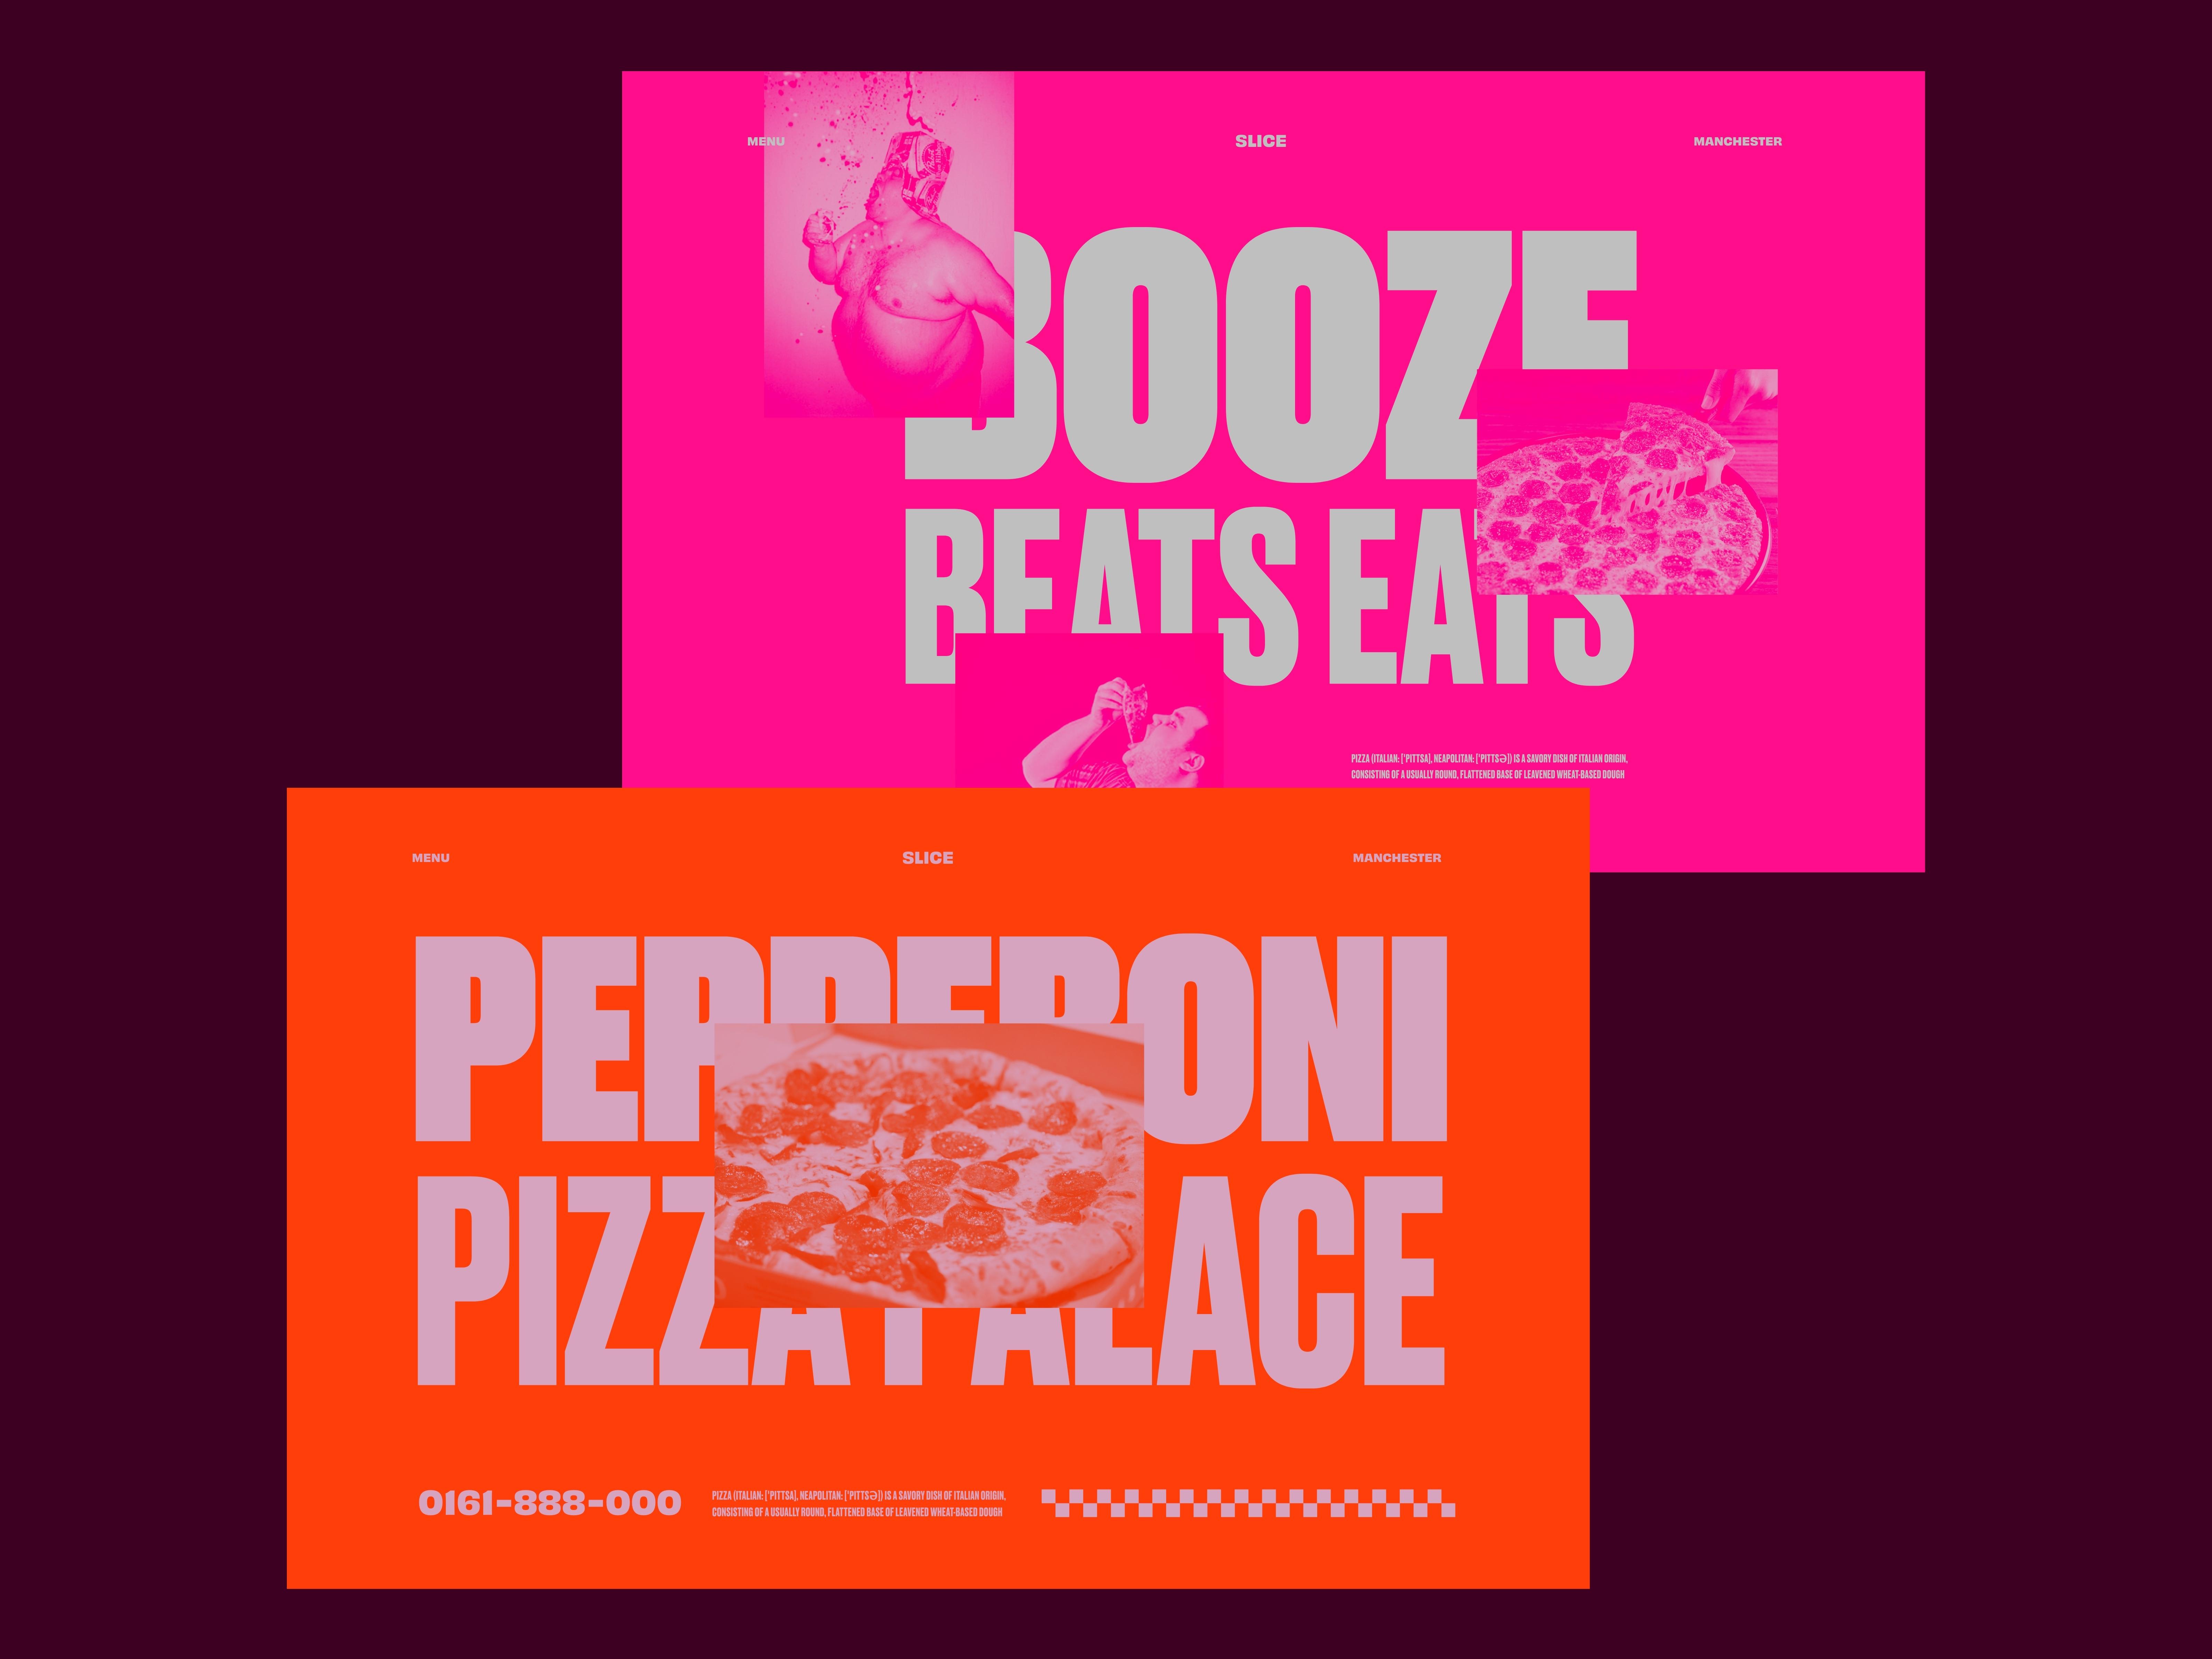 Slice Pepperoni Pizza Palace By Luke Dagnall On Dribbble